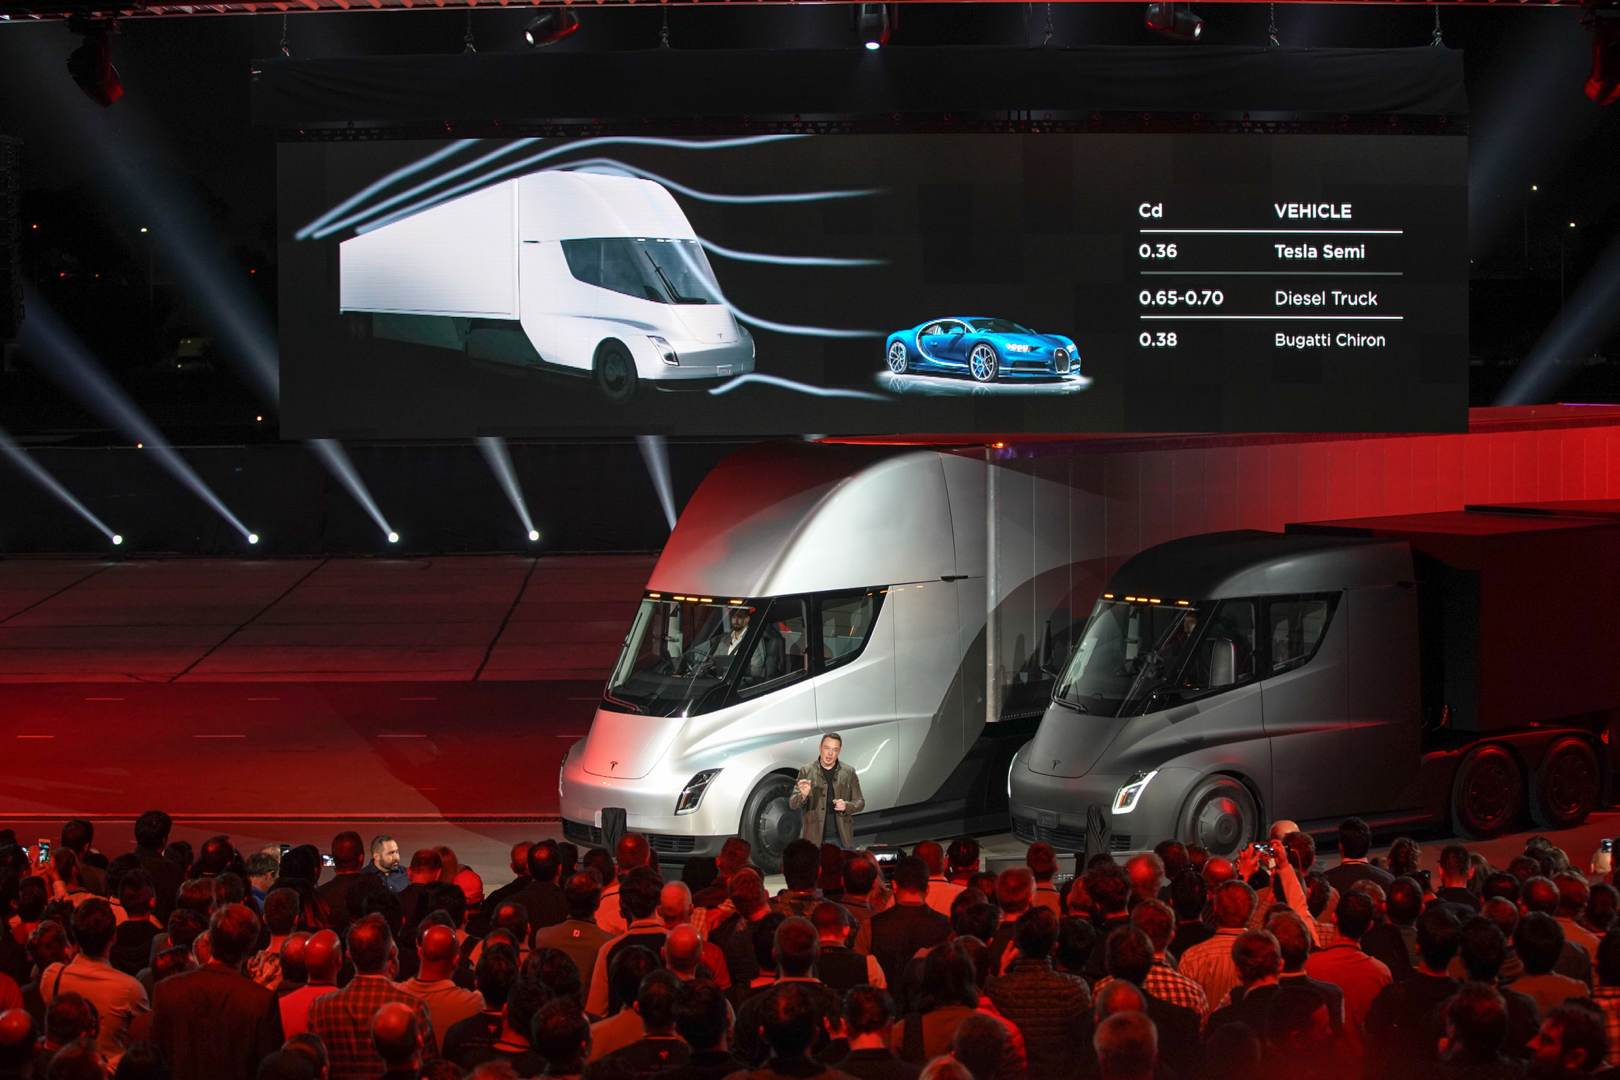 Tesla_Semi_Elon_Musk_Blog